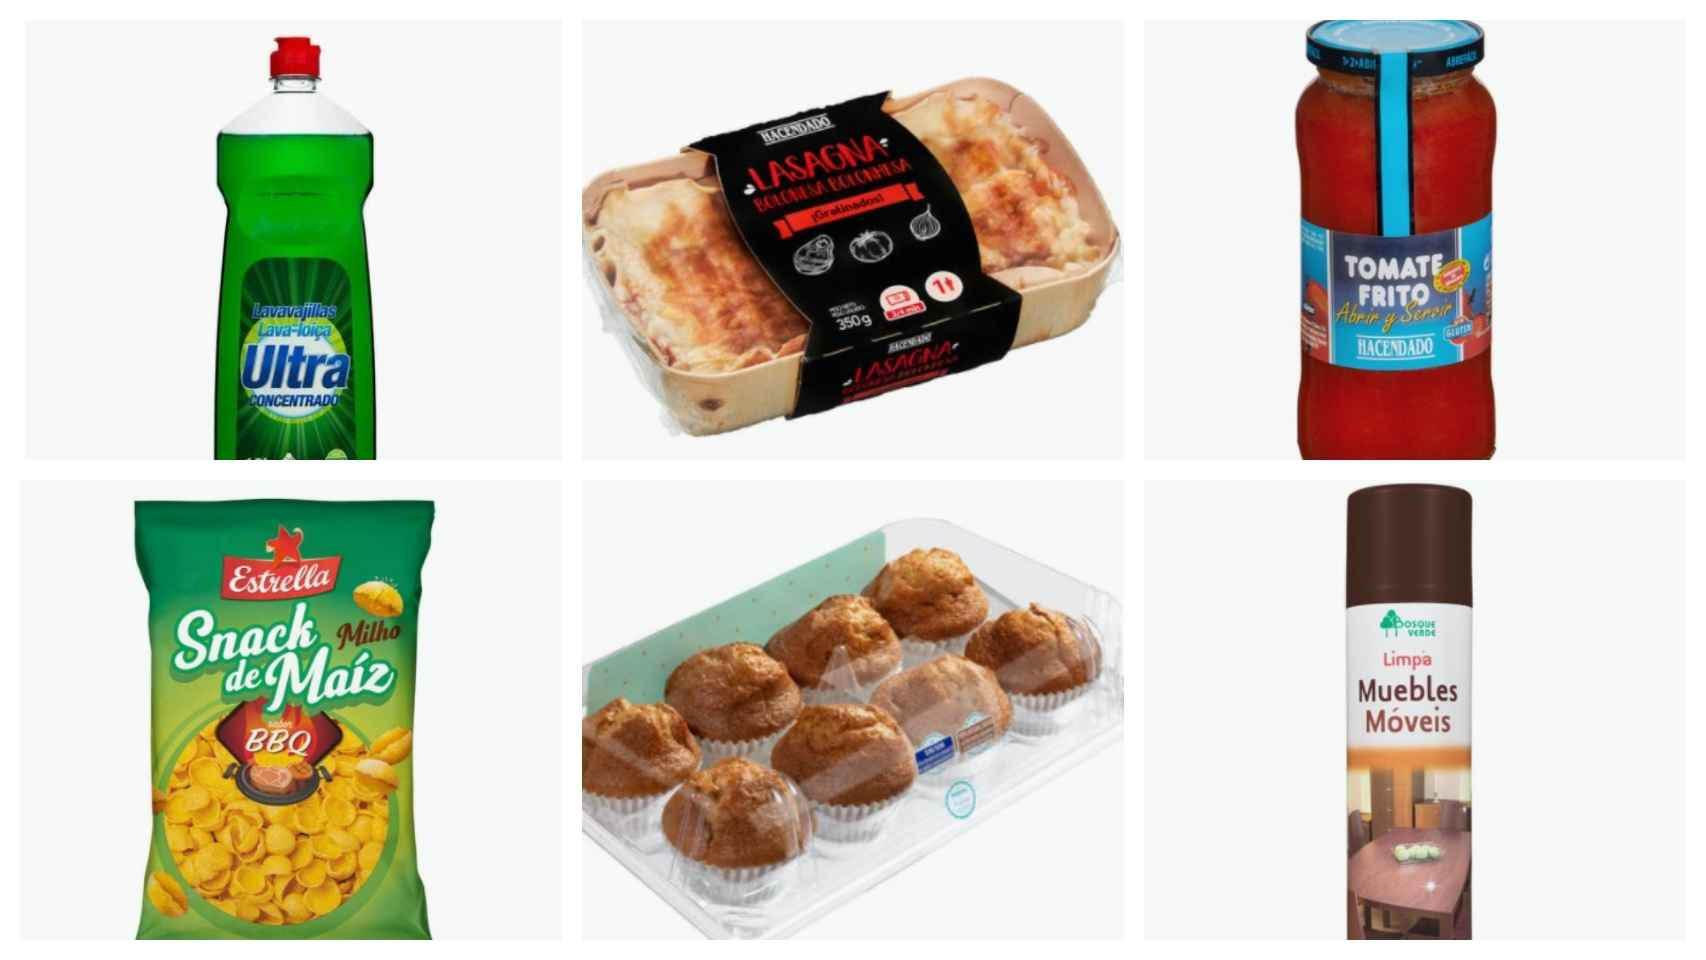 Dime qué producto de marca blanca de Mercadona compras y te diré quién lo fabrica: tomates, lasañas, frutas...